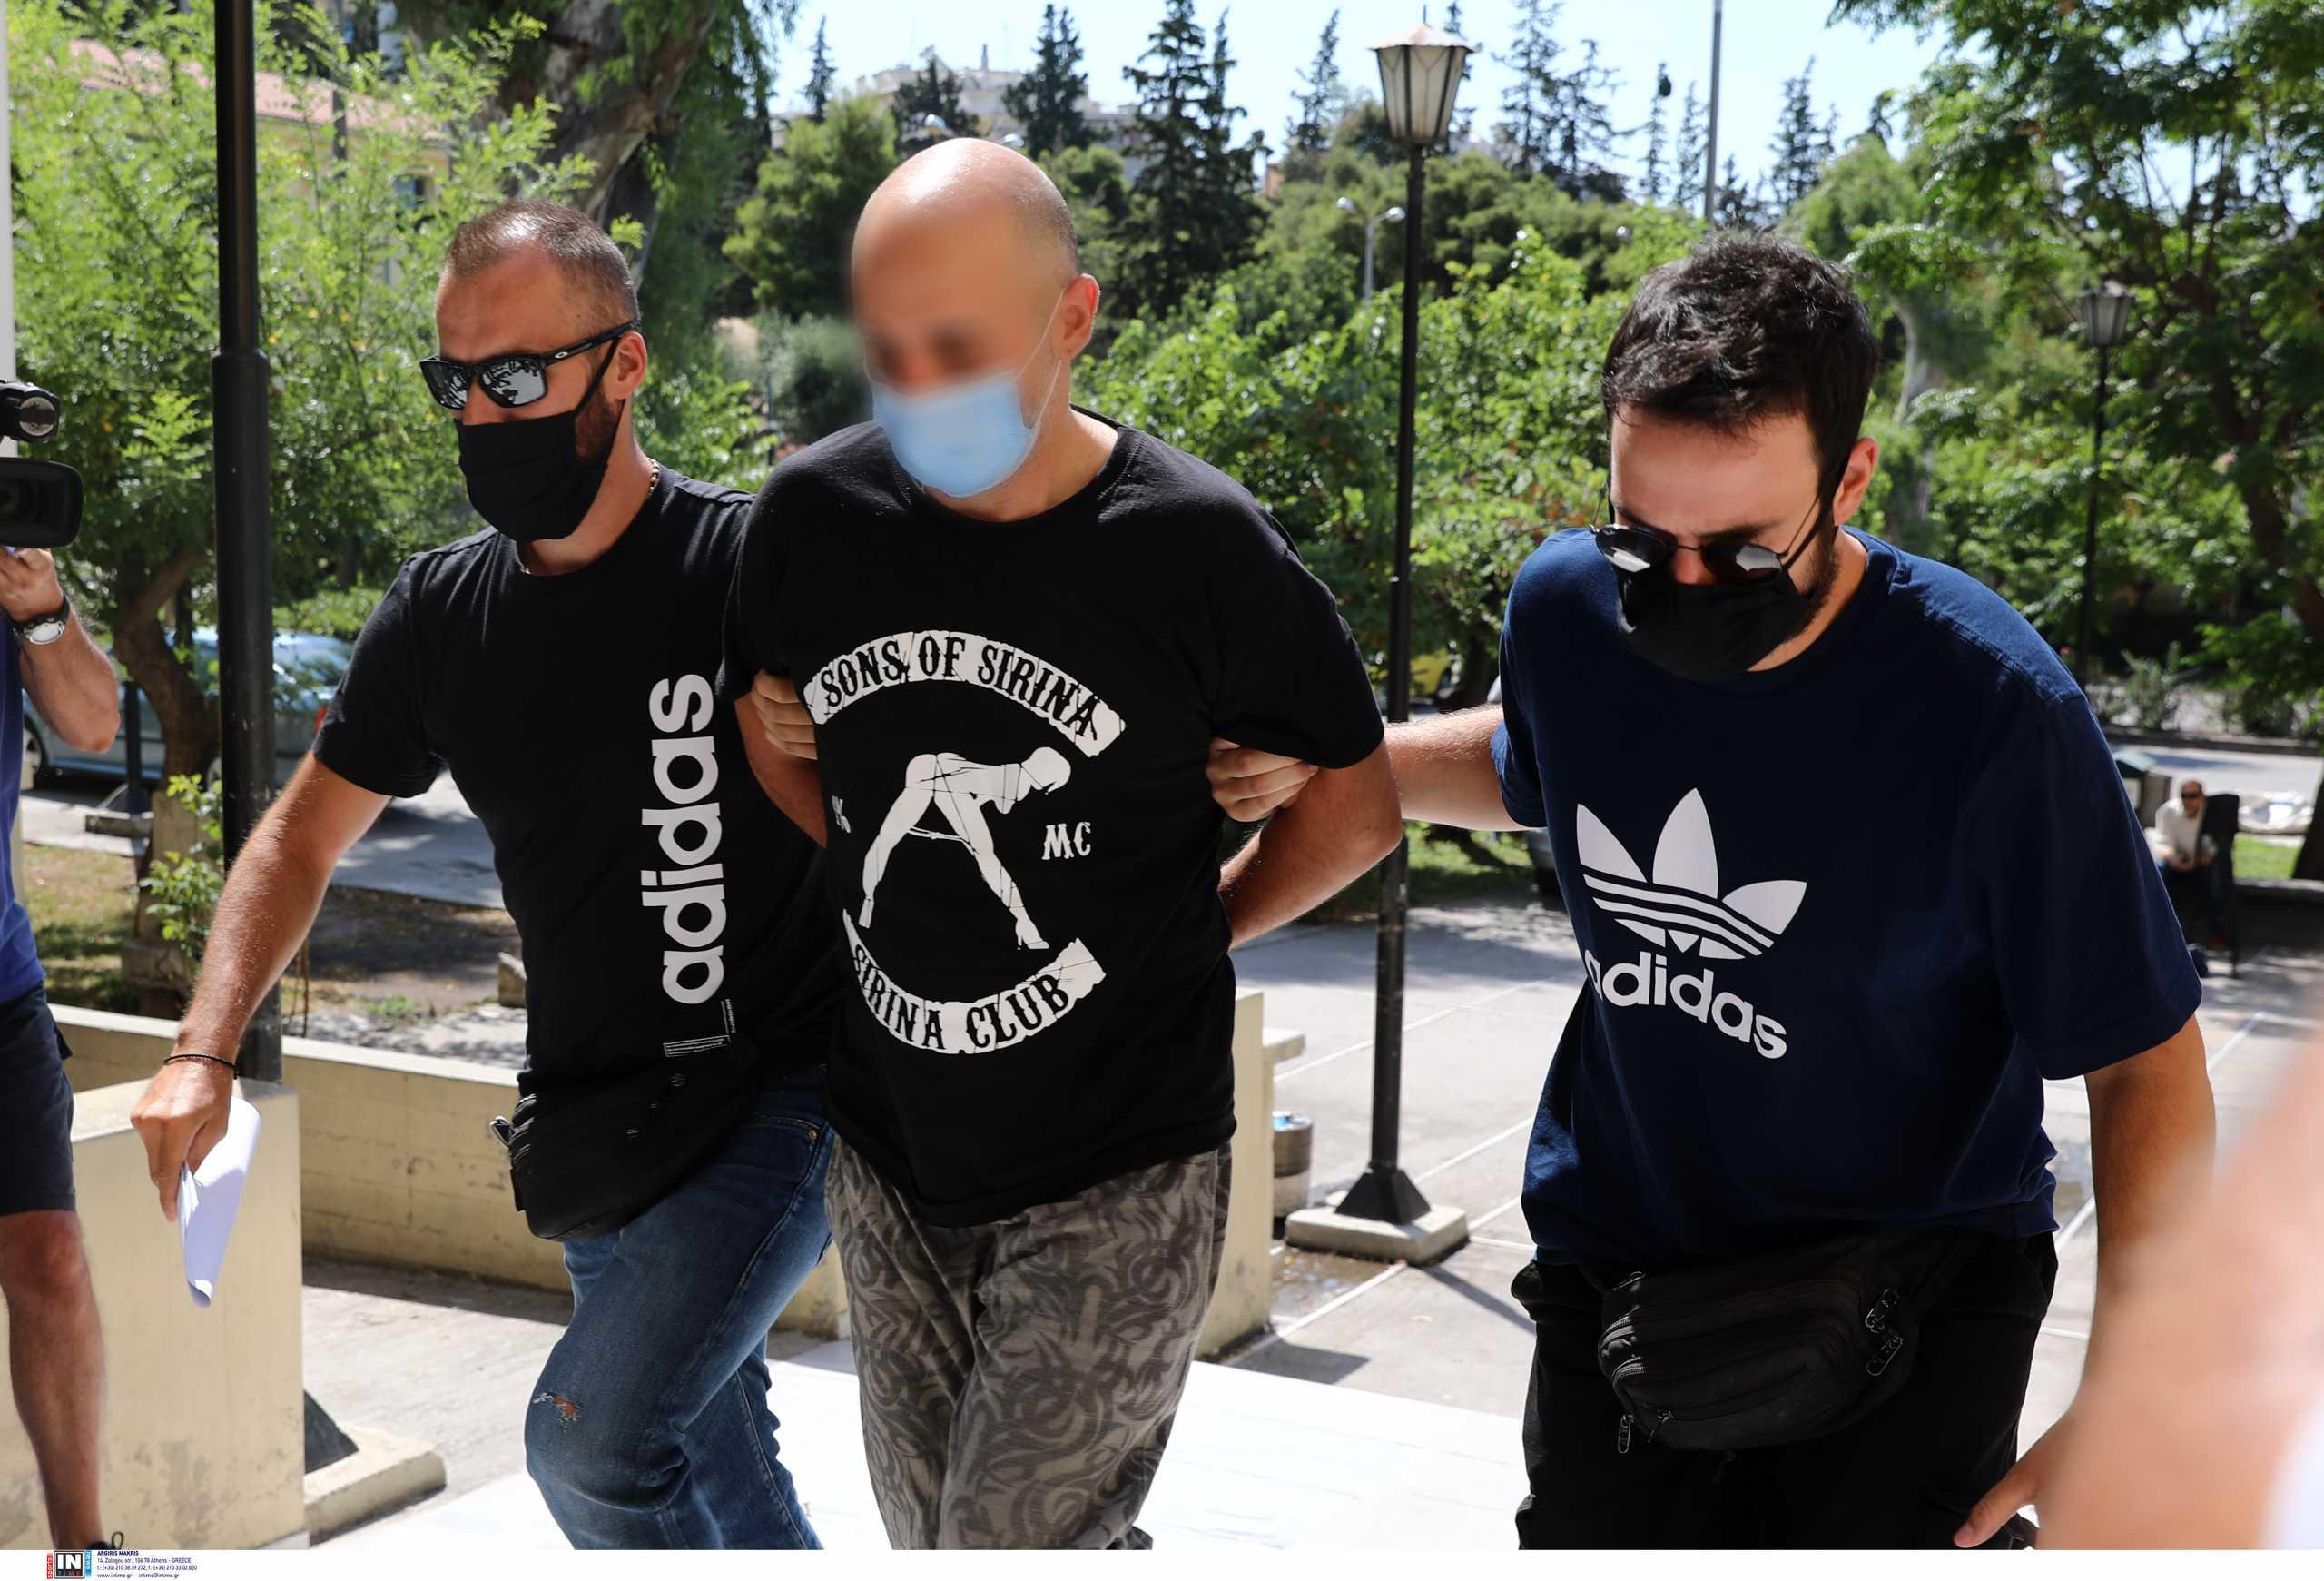 ΣΥΡΙΖΑ: Γιατί δεν δίνουν τις φωτογραφίες του αστυνομικού στην Ηλιούπολη;